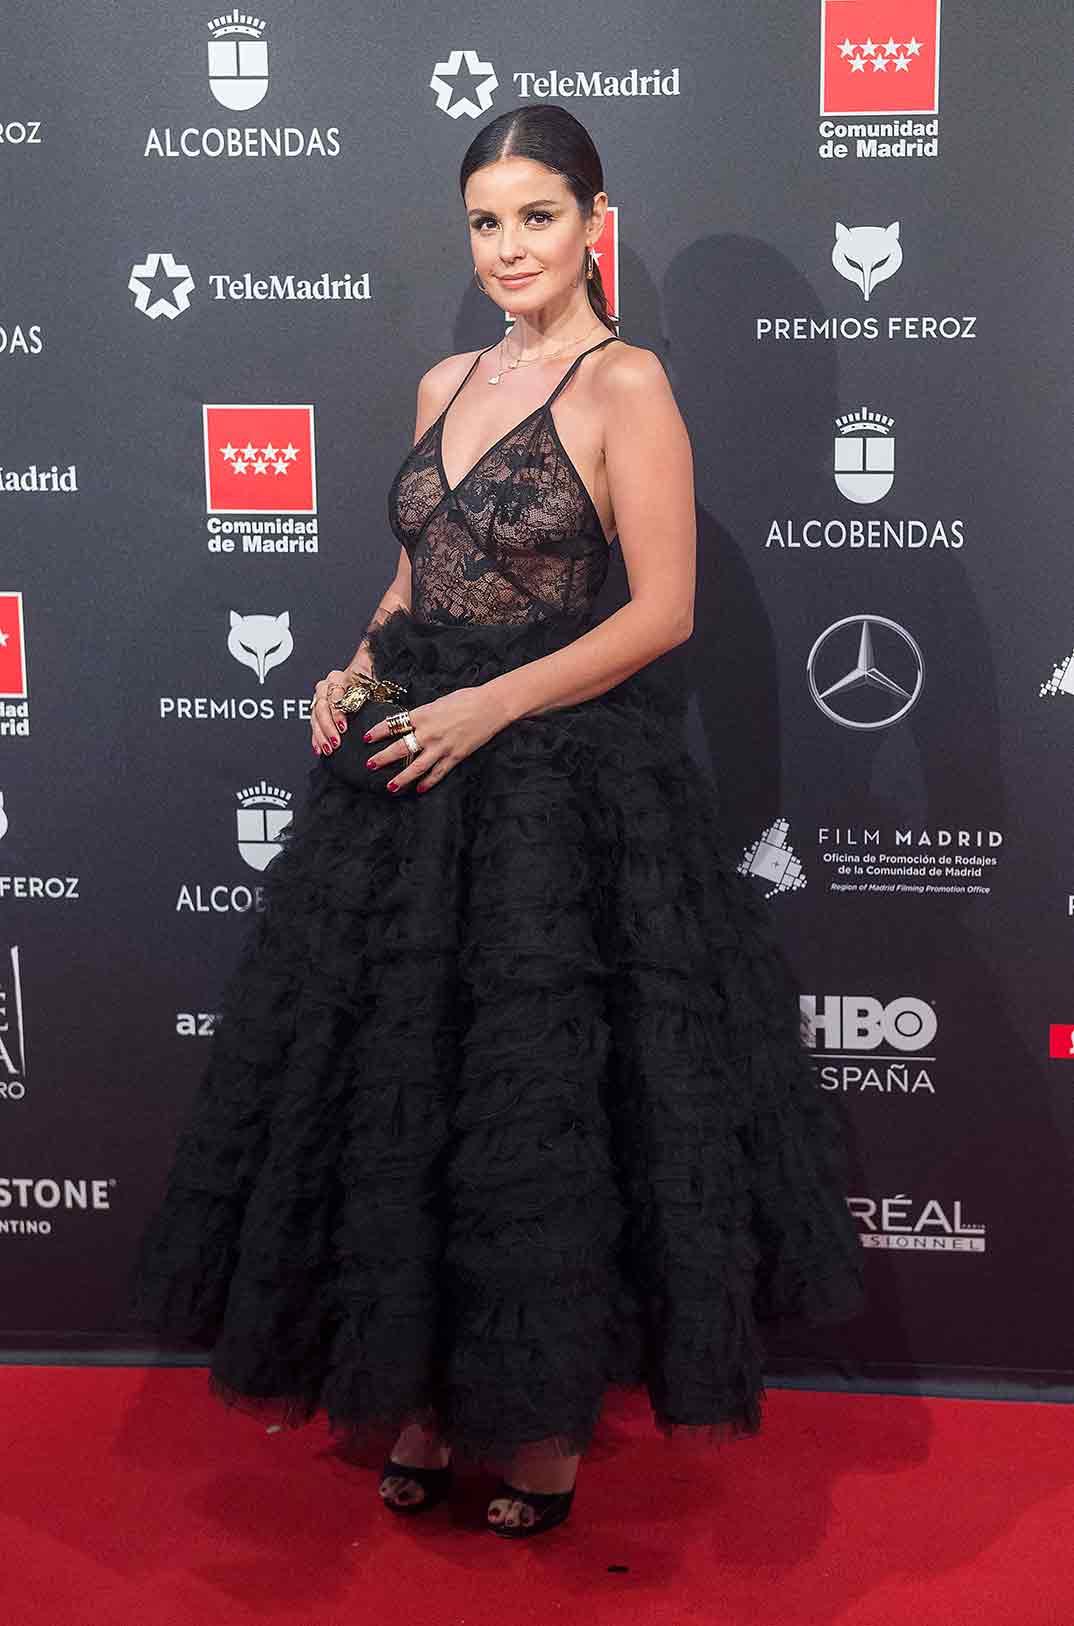 Marta Torné - Premios Feroz 2020